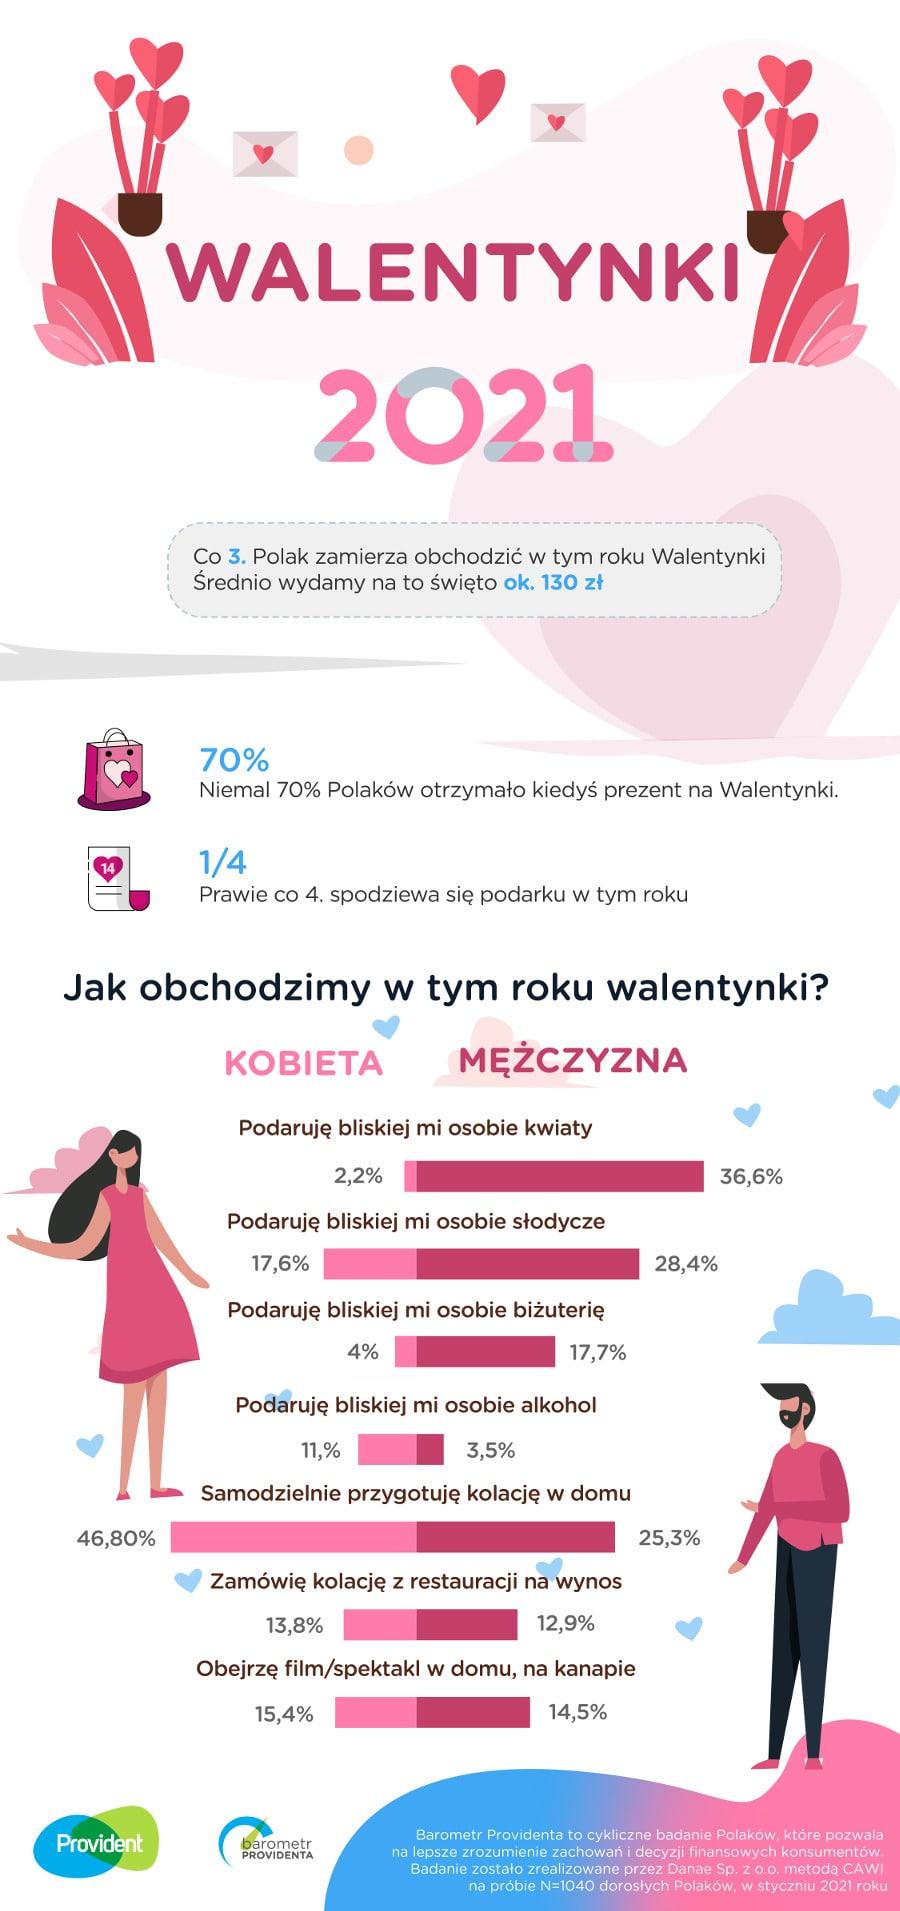 walentynki 2021 infografika